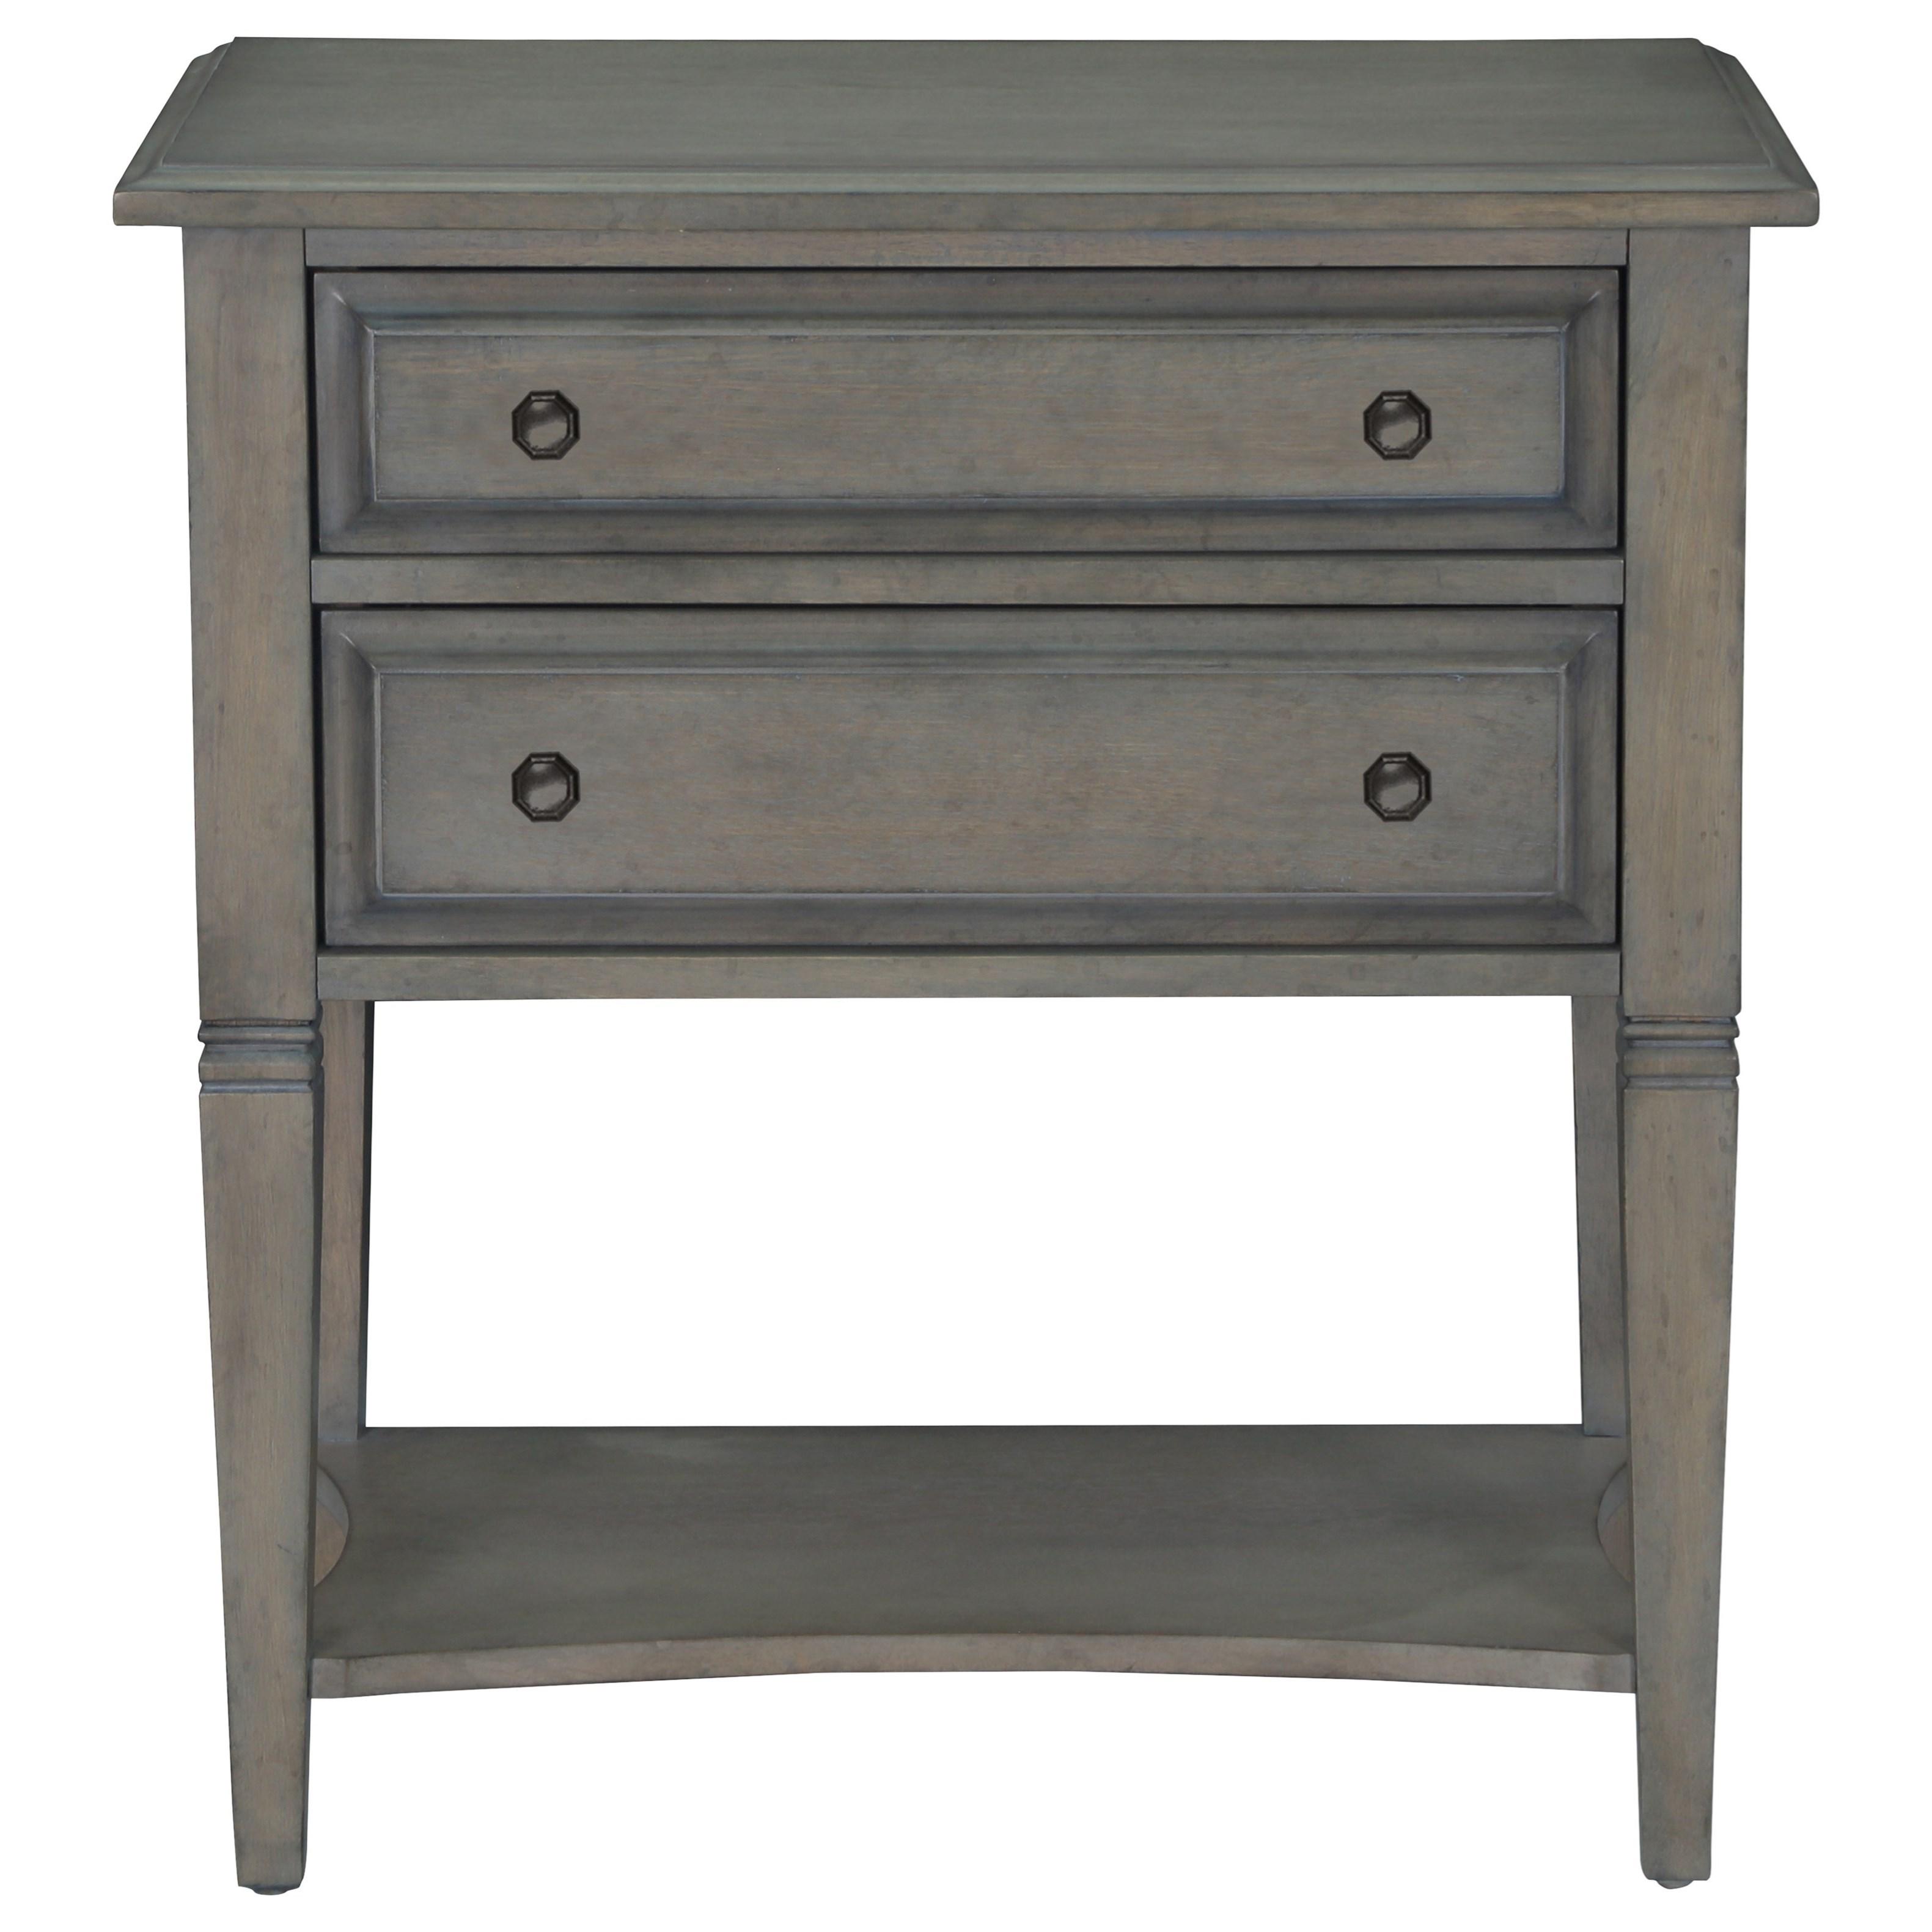 Belfort Select Magnolia Park Leg Nightstand - Item Number: B3681-05